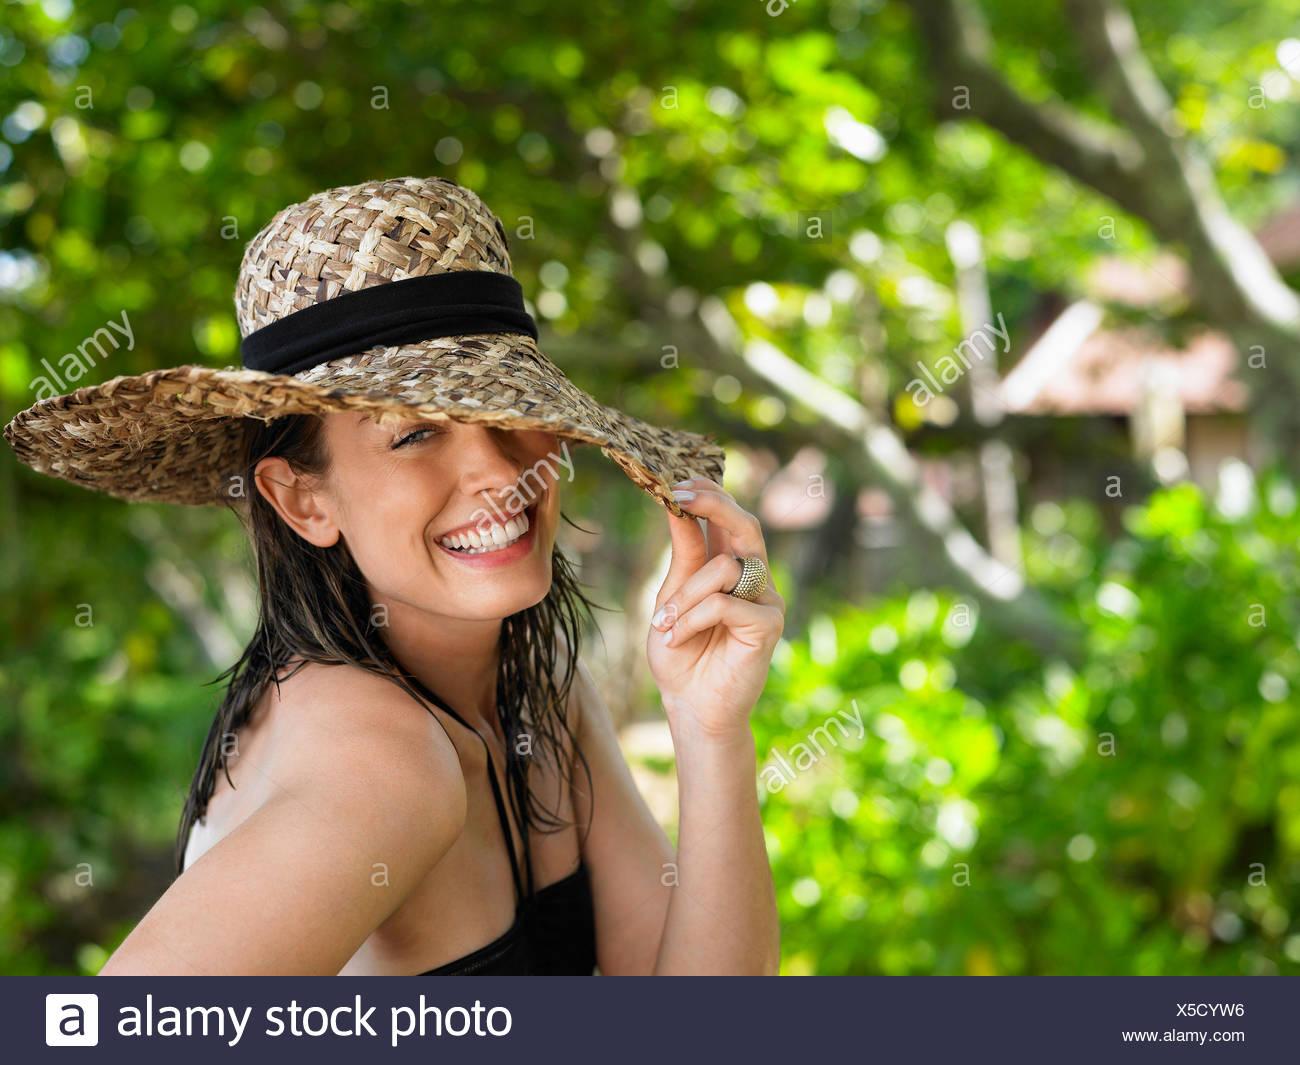 Junge Frau mit Sonnenhut Stockfoto